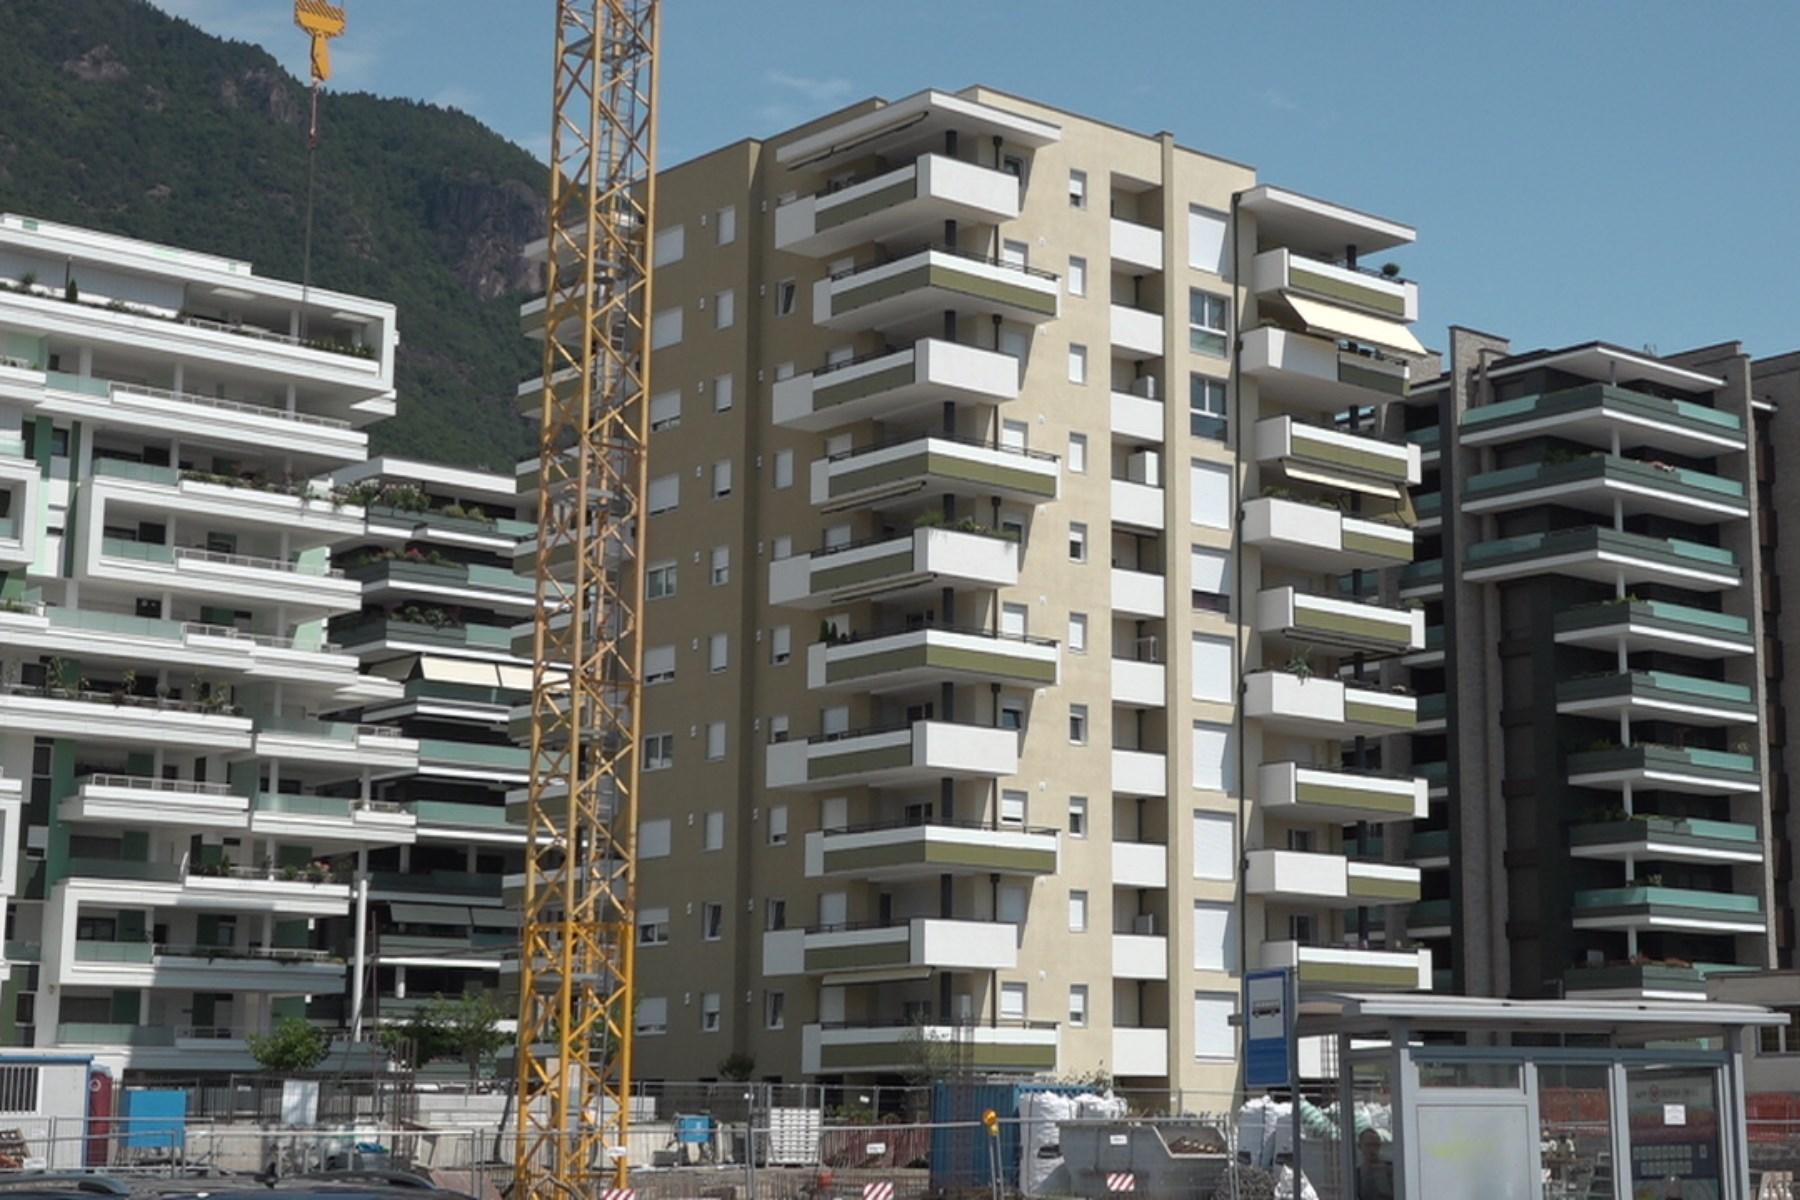 Anfrage | Beschluss der Landesregierung Nr. 421: Agentur für Wohnbauaufsicht – Genehmigung des Dreijahresprogramms 2020-2022